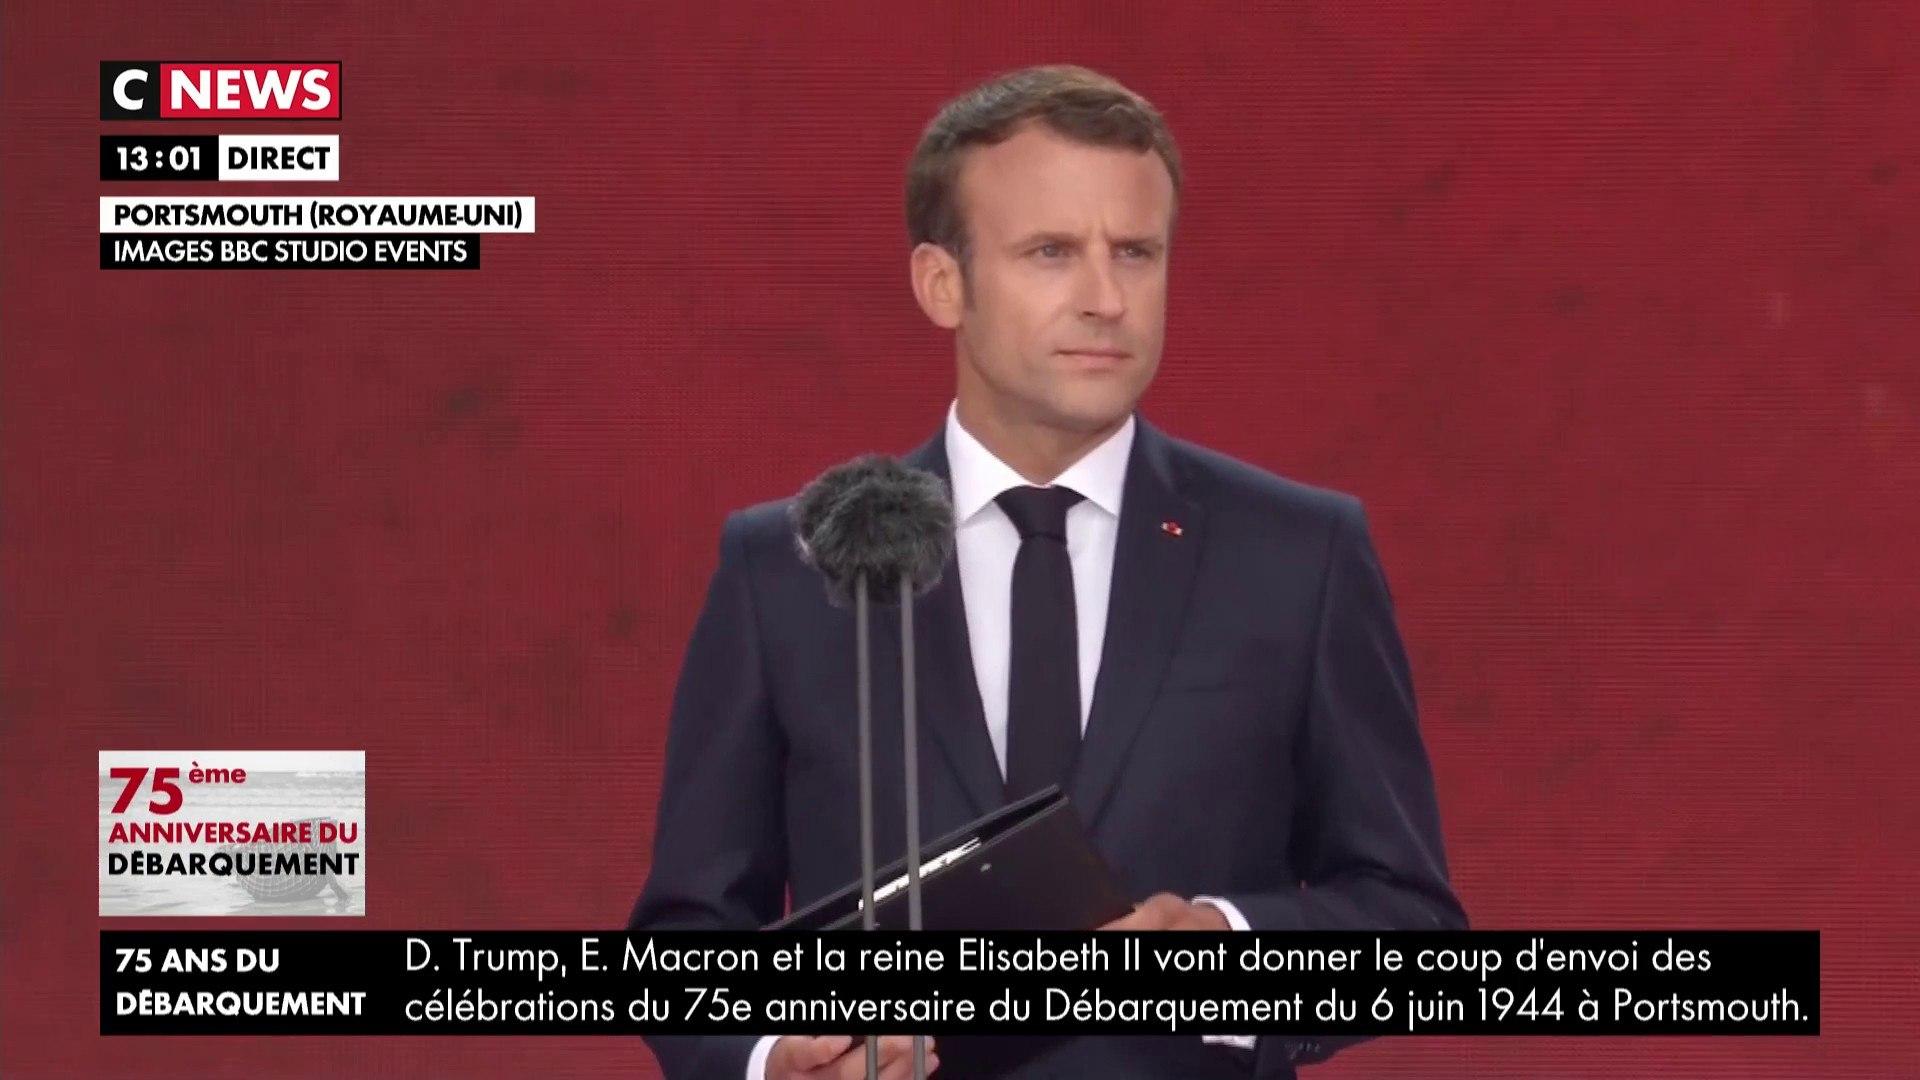 75ème anniversaire du débarquement : Emmanuel Macron lit la lettre d'adieu d'un résistant fusillé